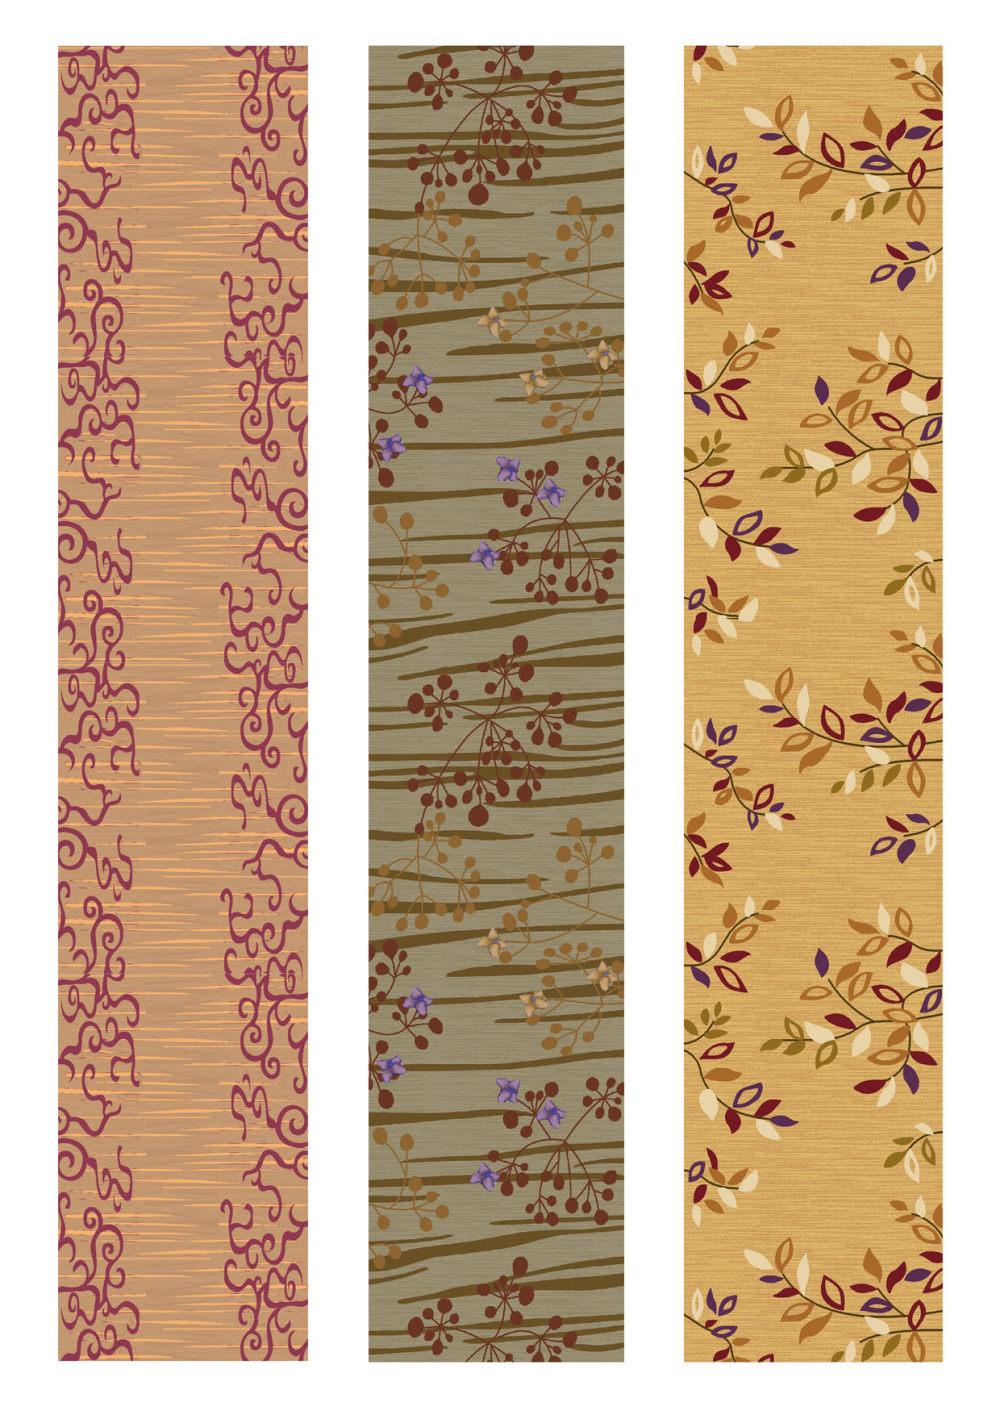 高清地毯贴图_155.jpg